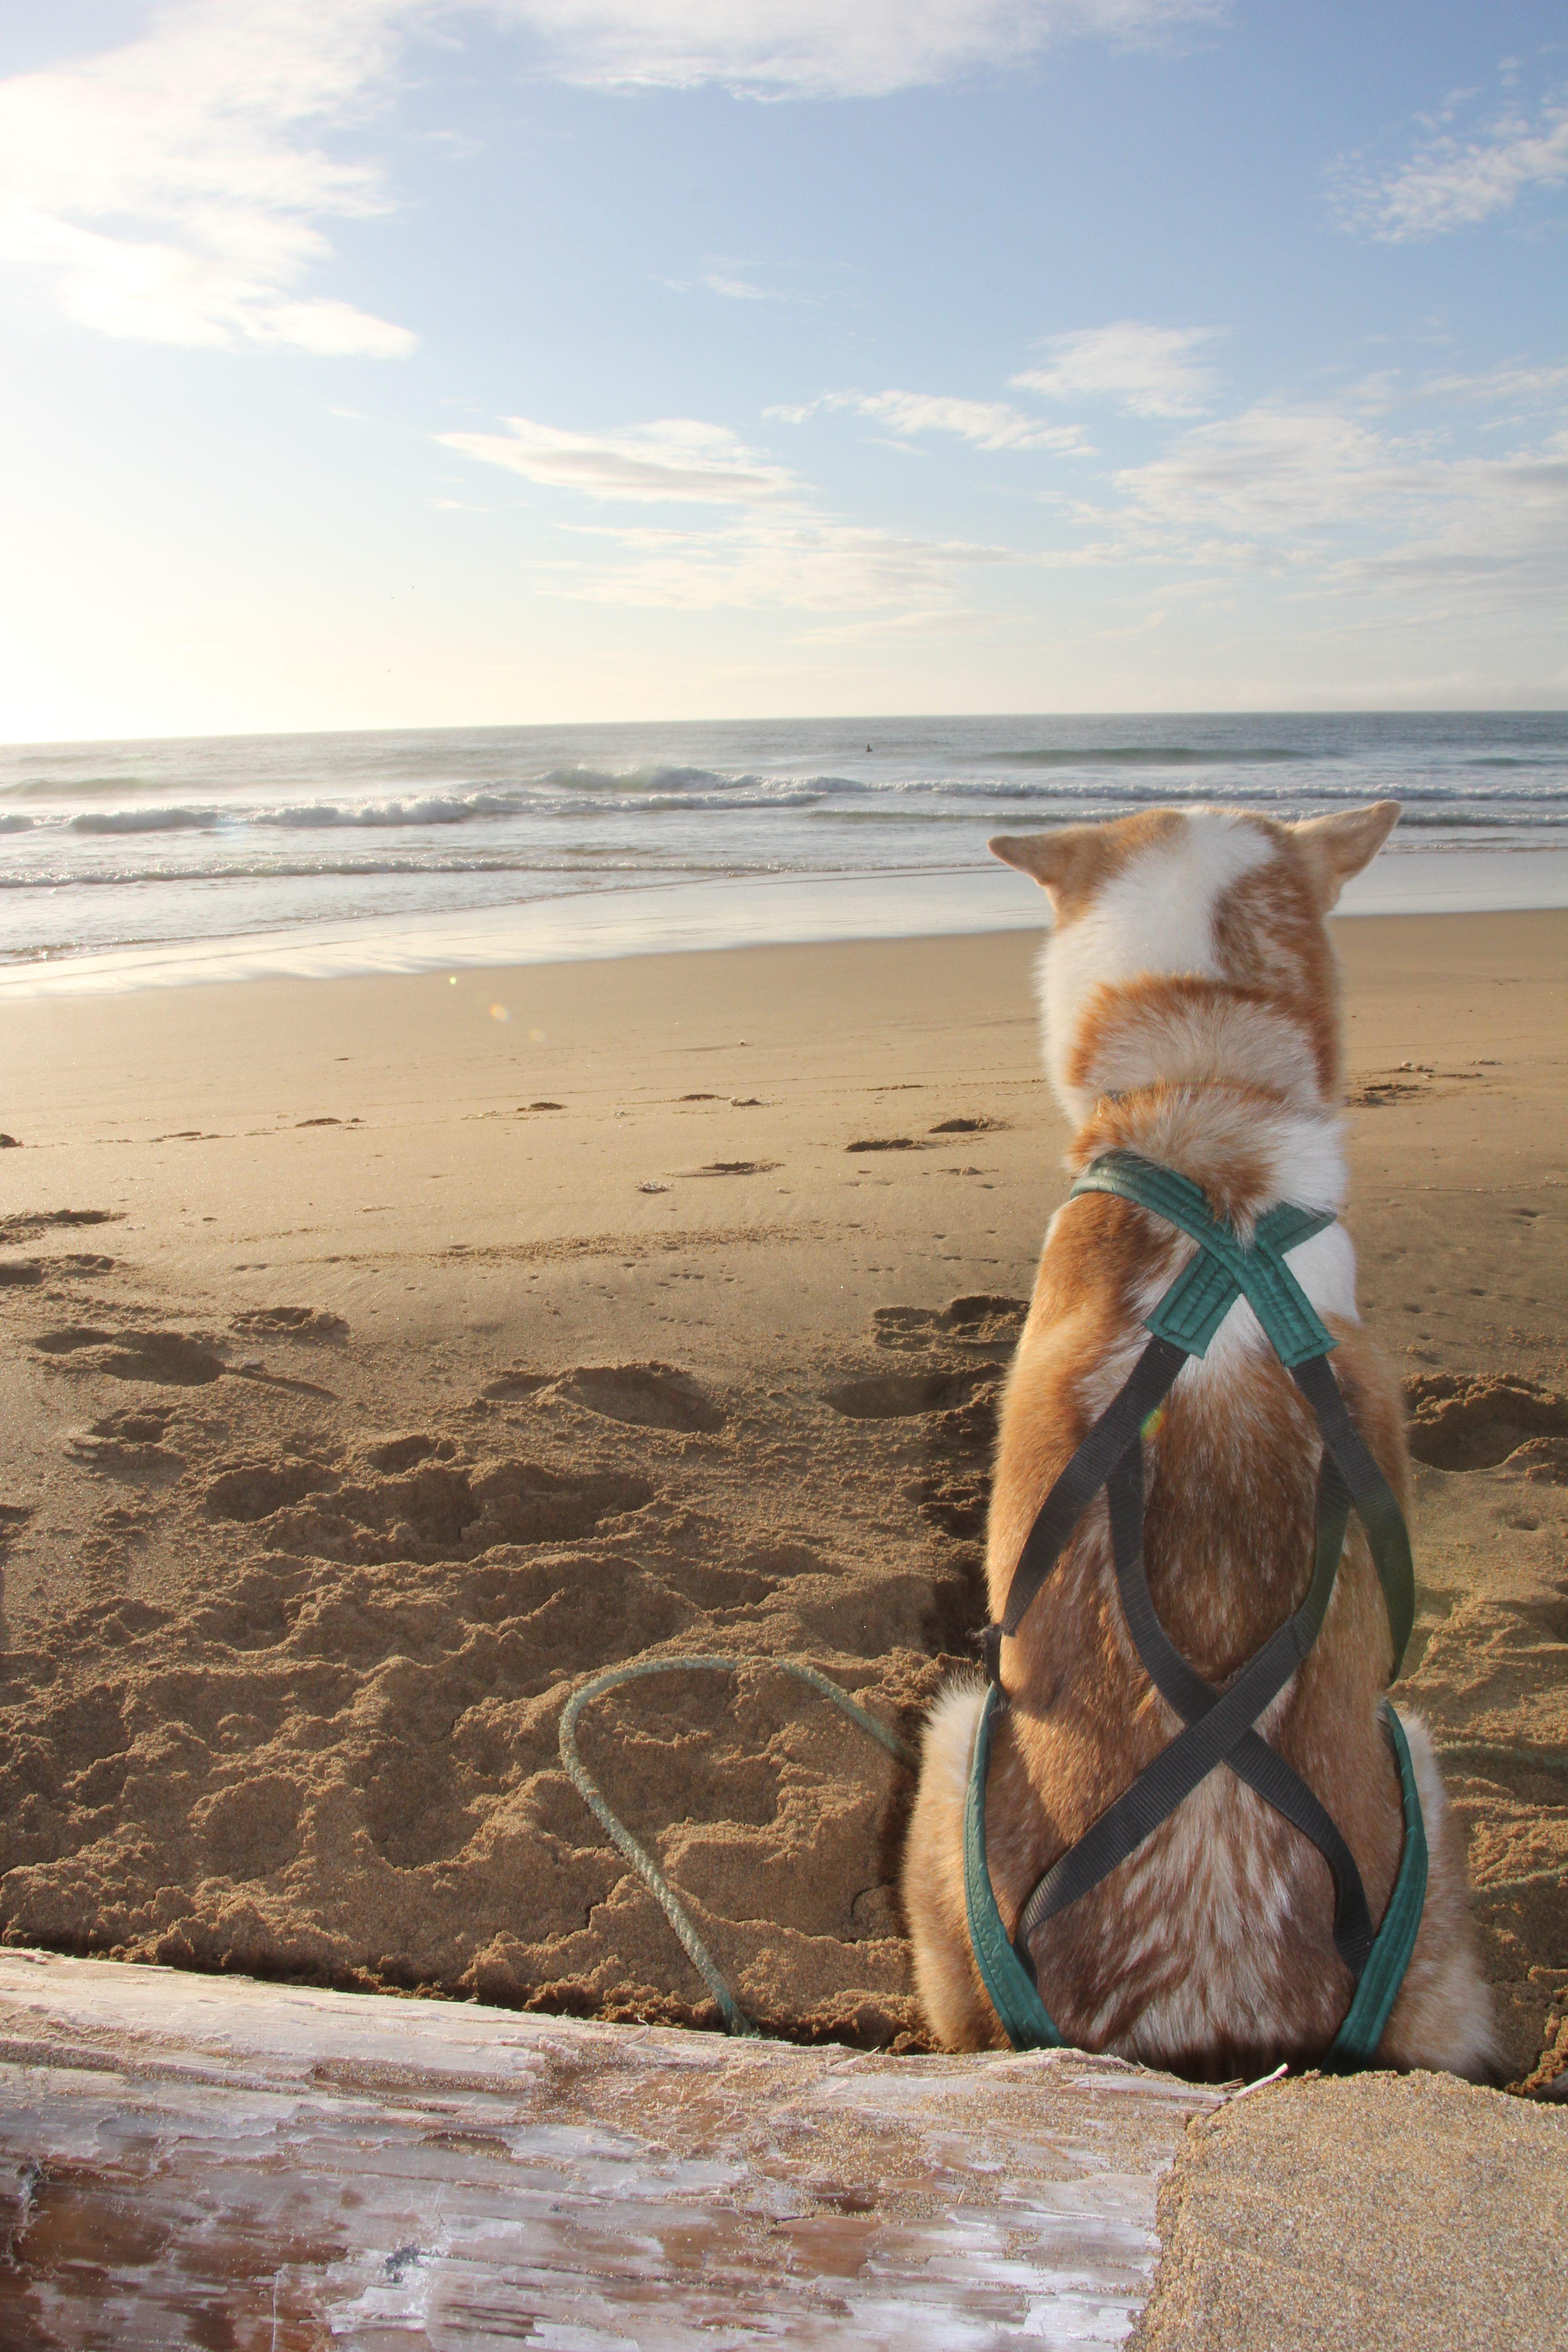 Laban sitter vakt under surfingen